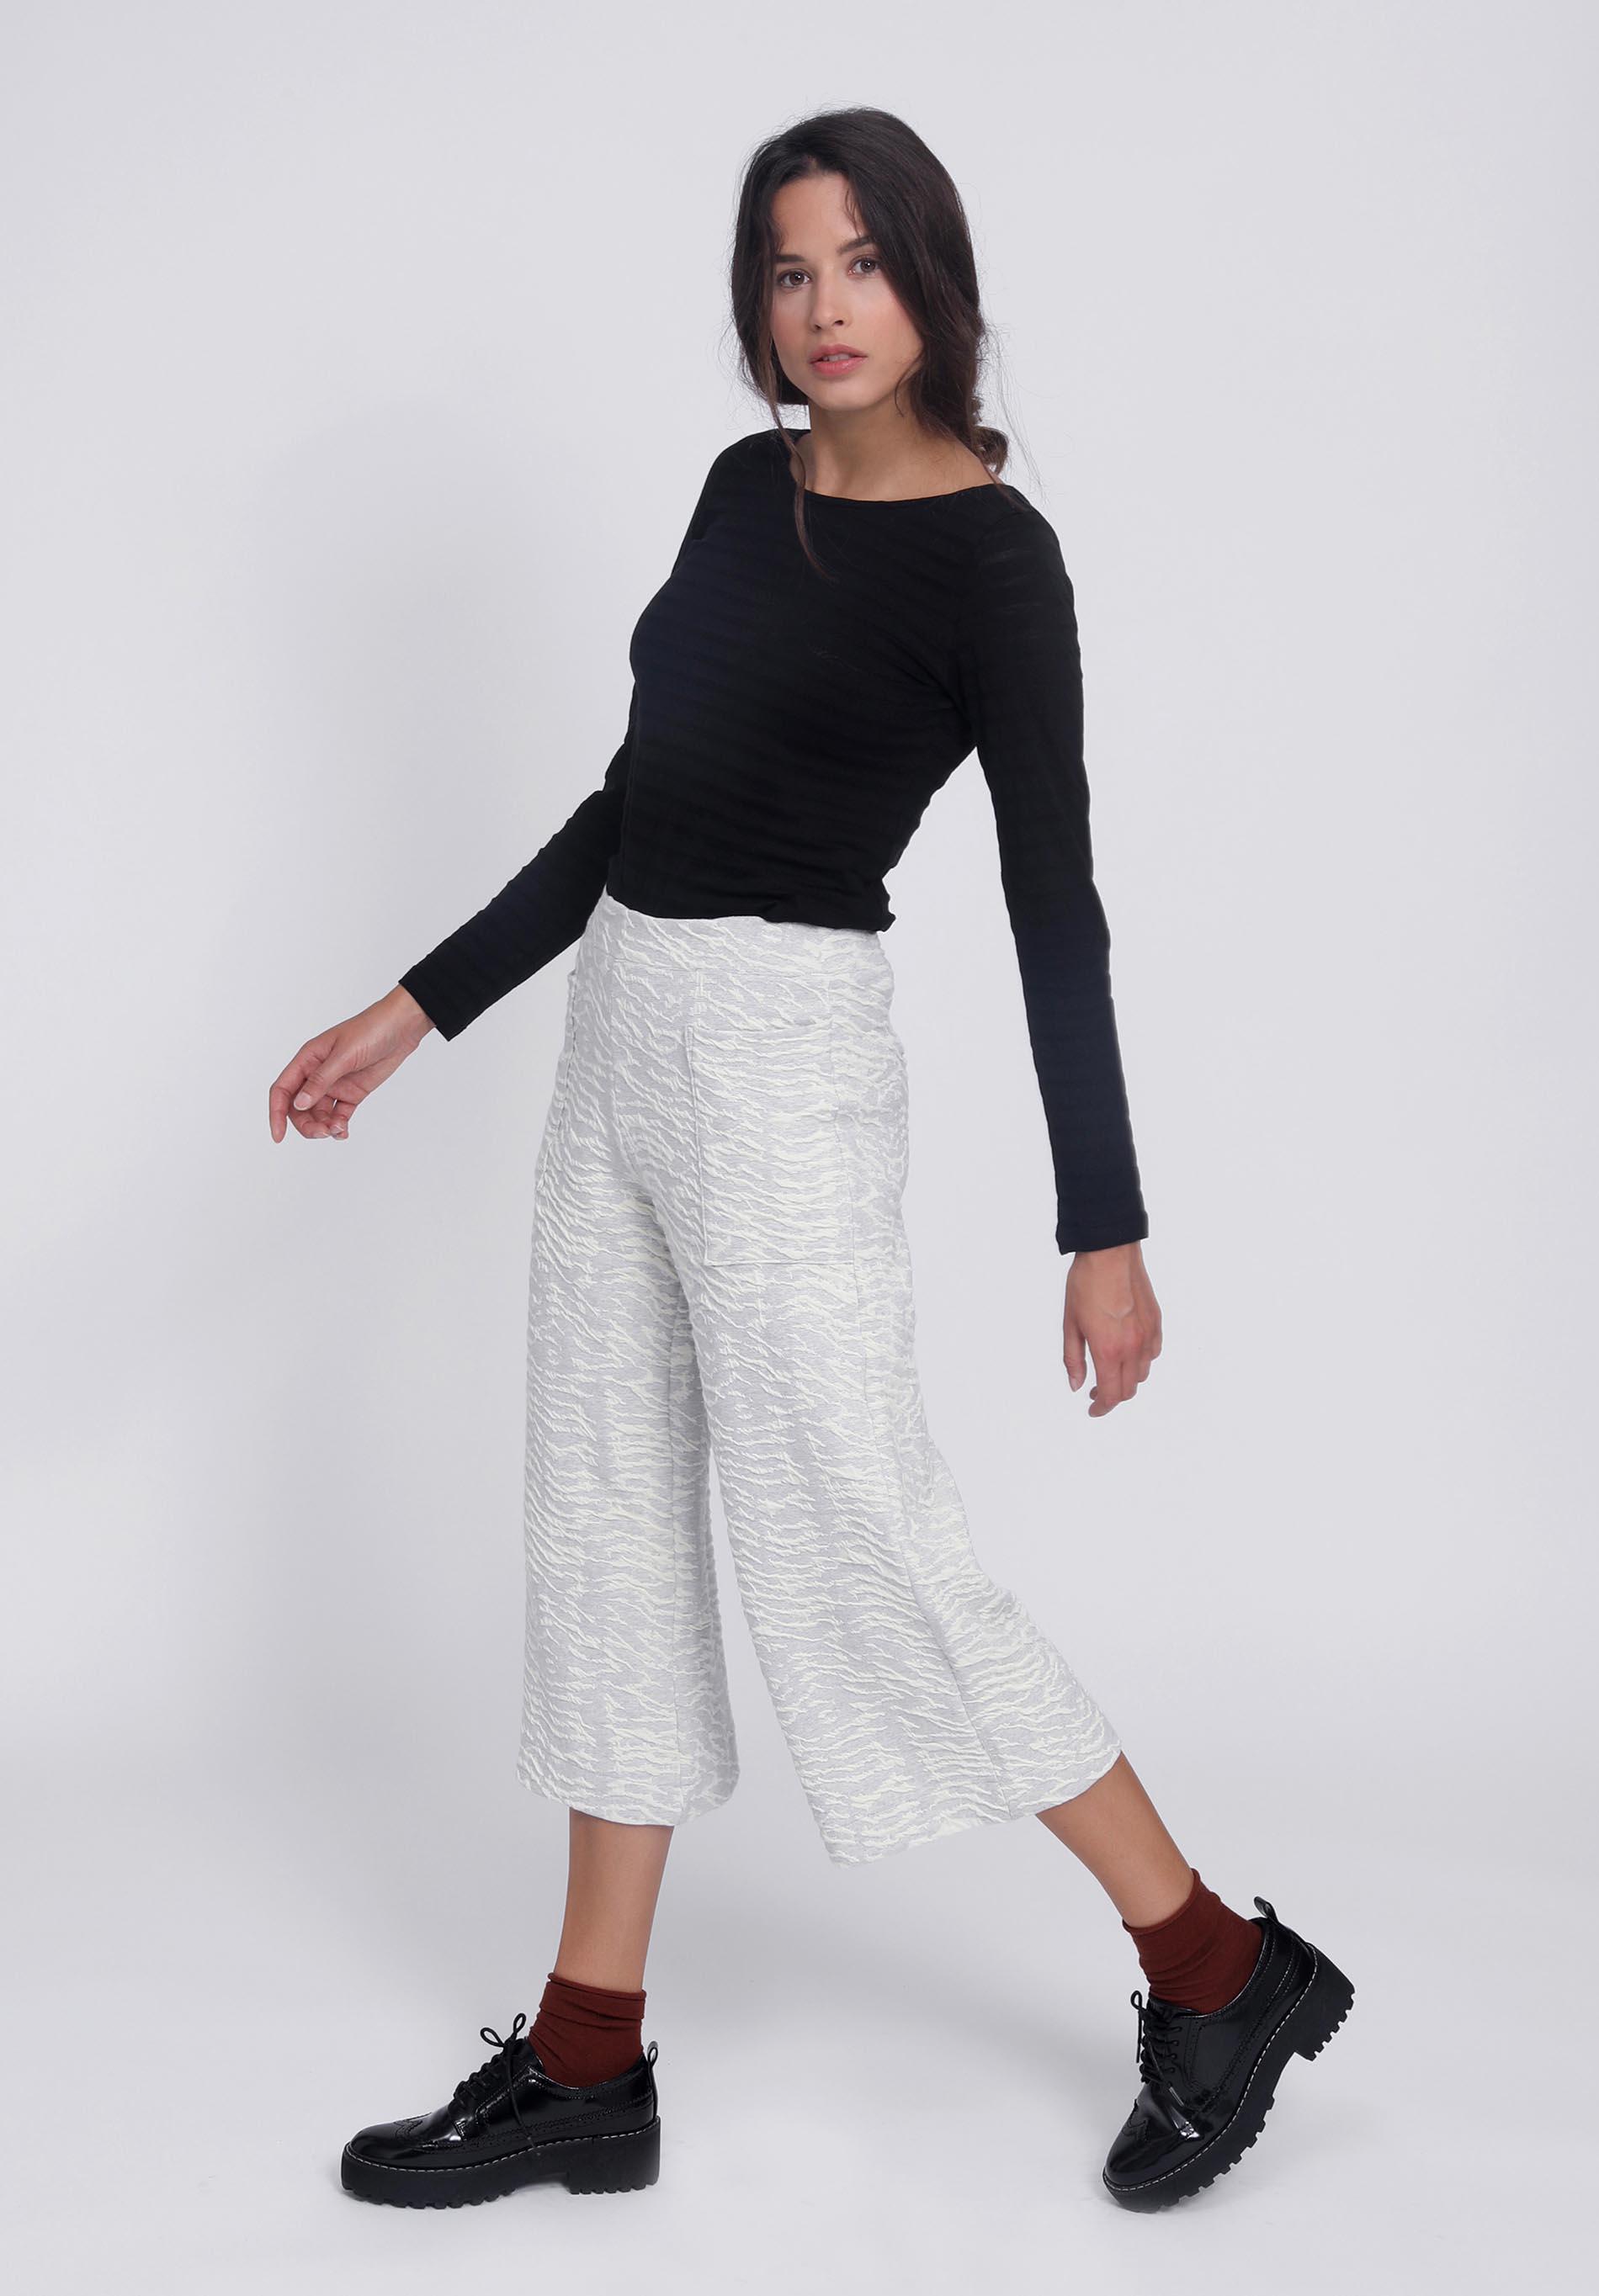 Culotte CAELUM ecru, Top METEORUM black organic cotton